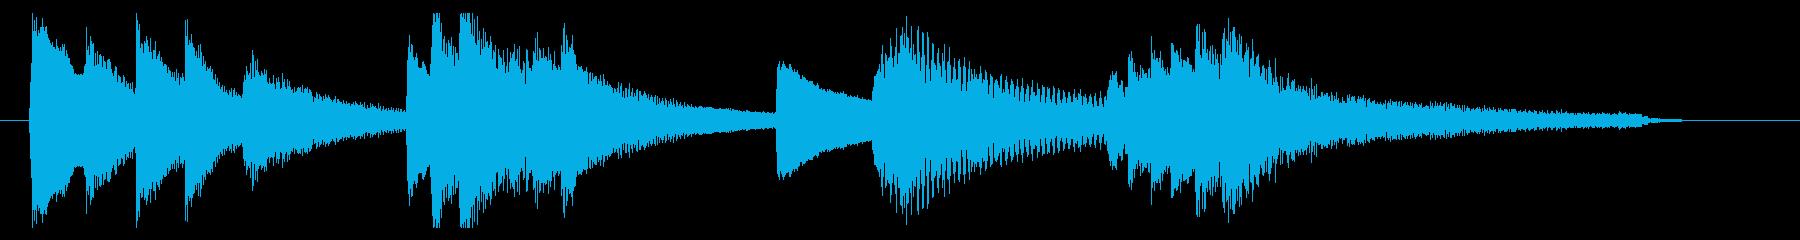 優しく穏やかなピアノのサウンドロゴの再生済みの波形